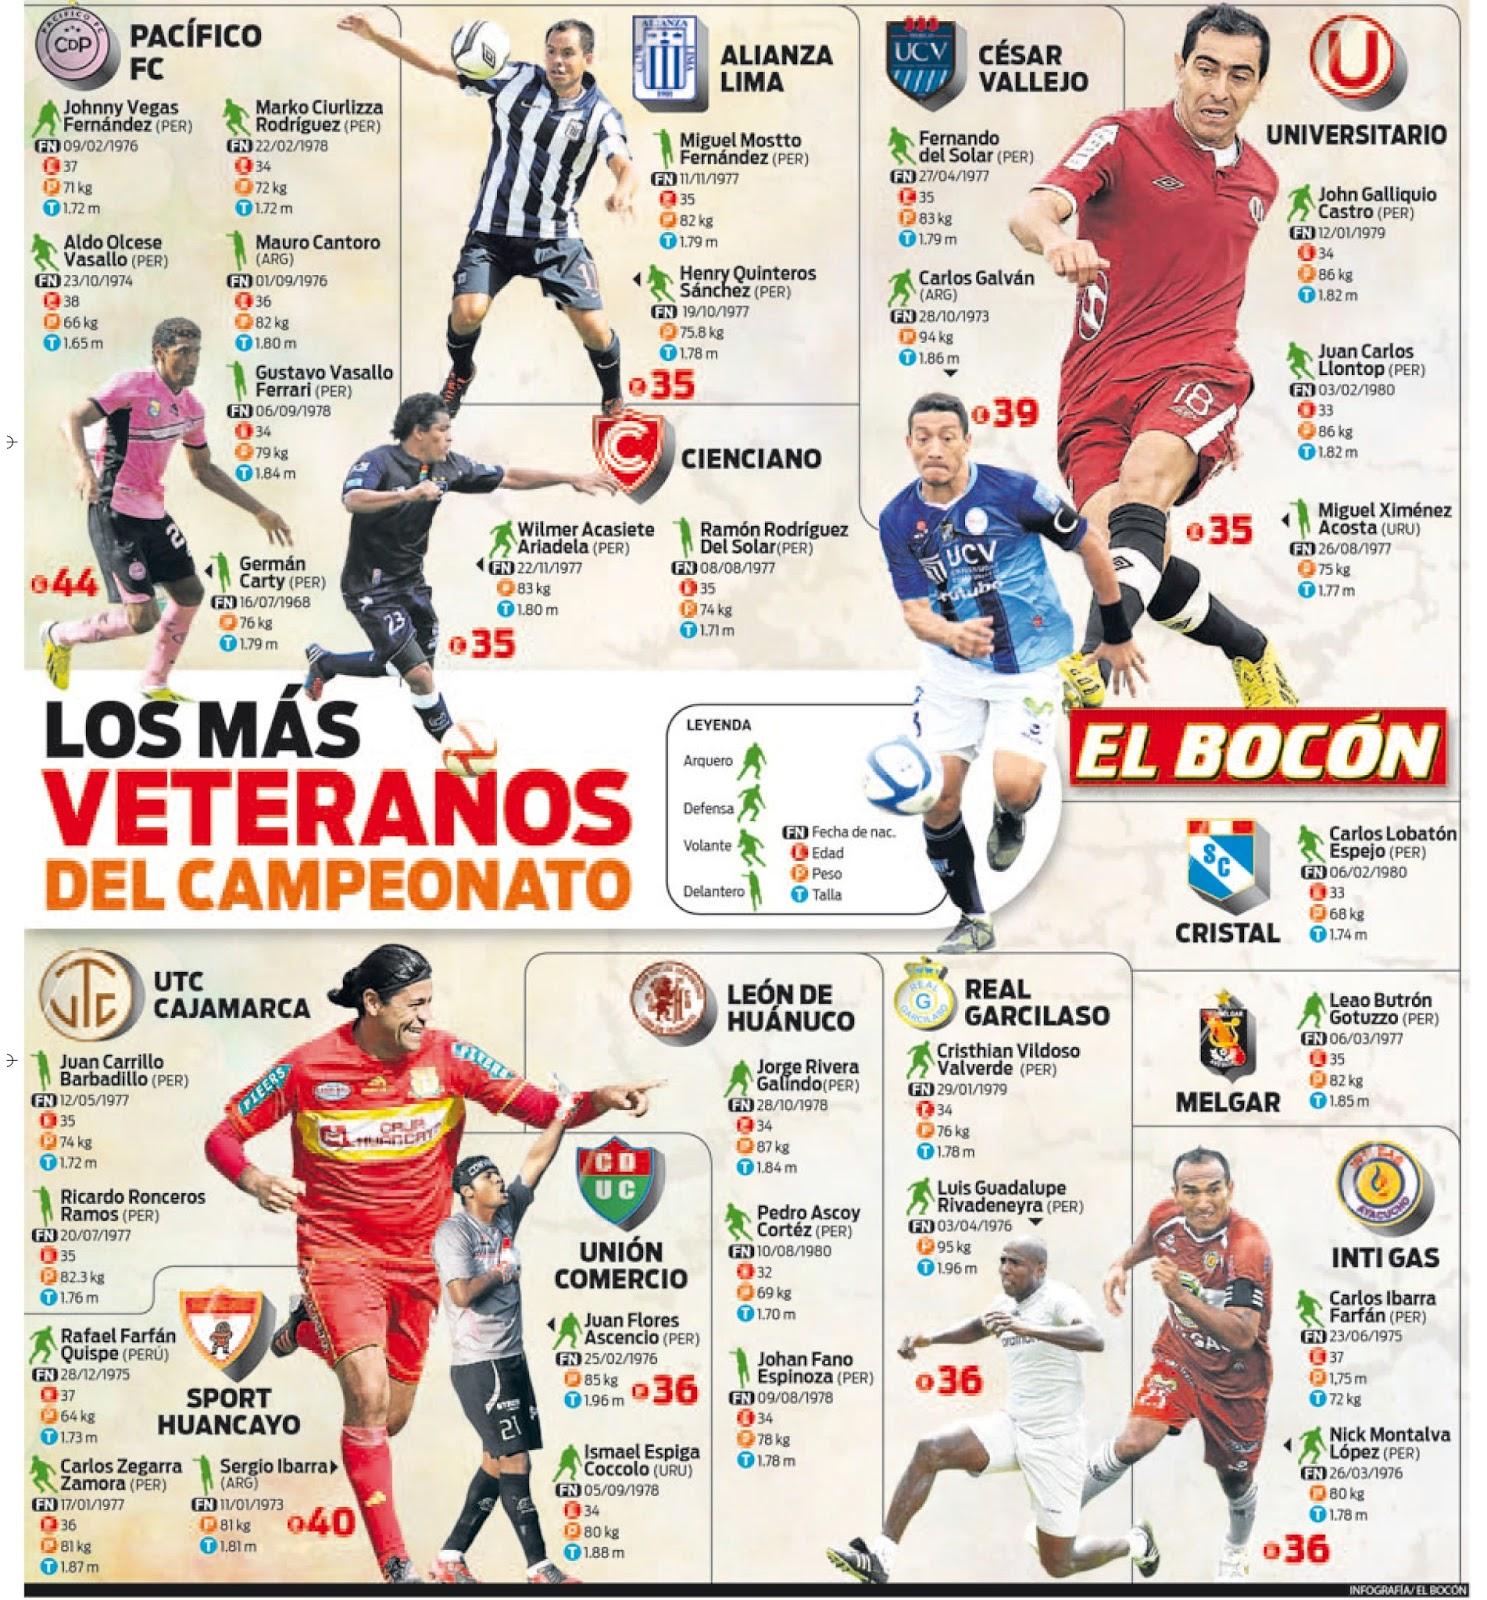 Infografía del fútbol peruano